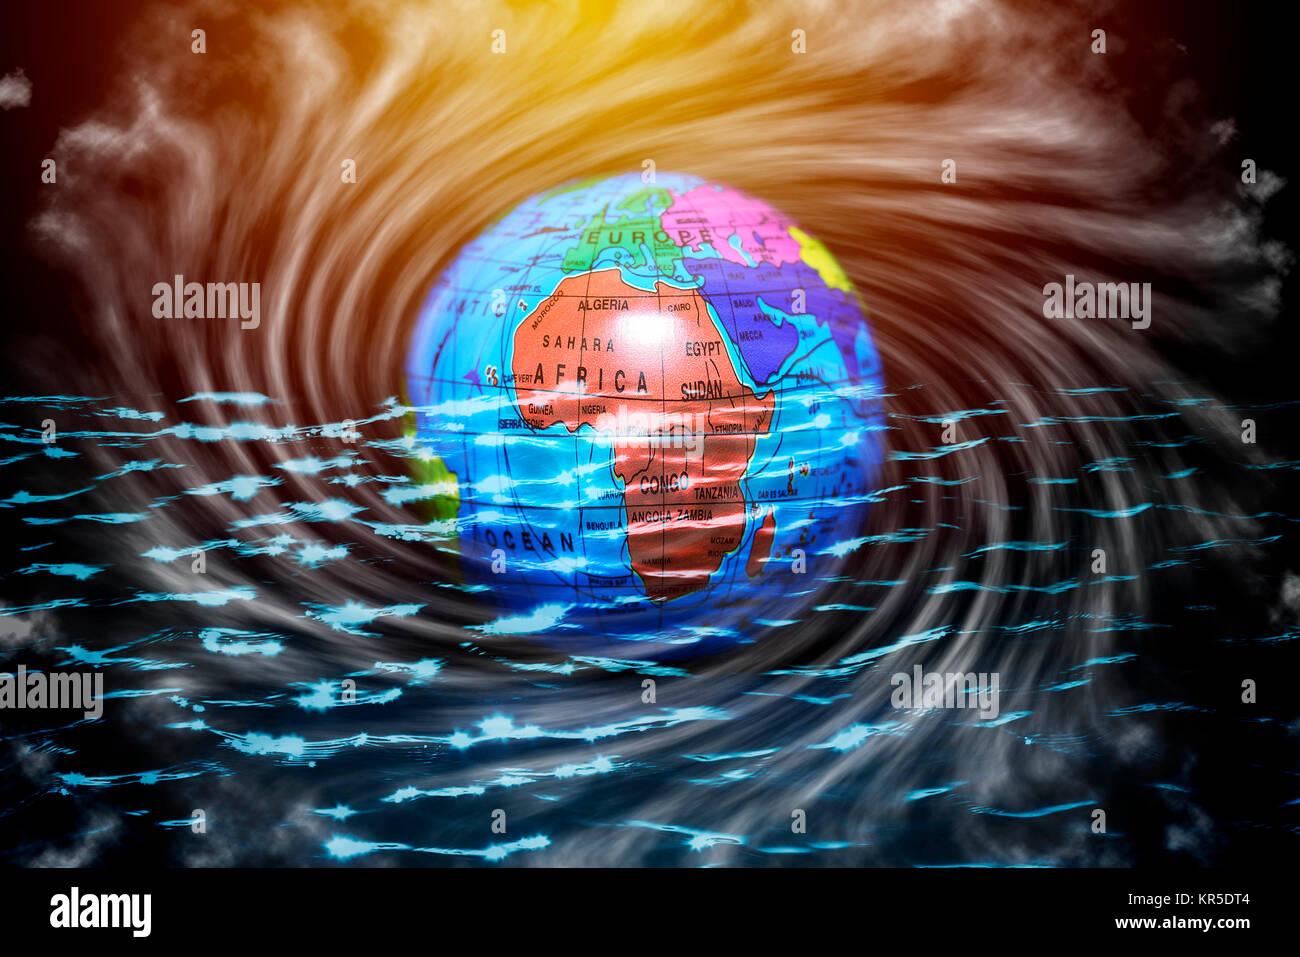 Globo terrestre en el agua, el cambio climático, la fotografía simbólica Erdglobus im Wasser, Klimawandel Symbolfoto Foto de stock